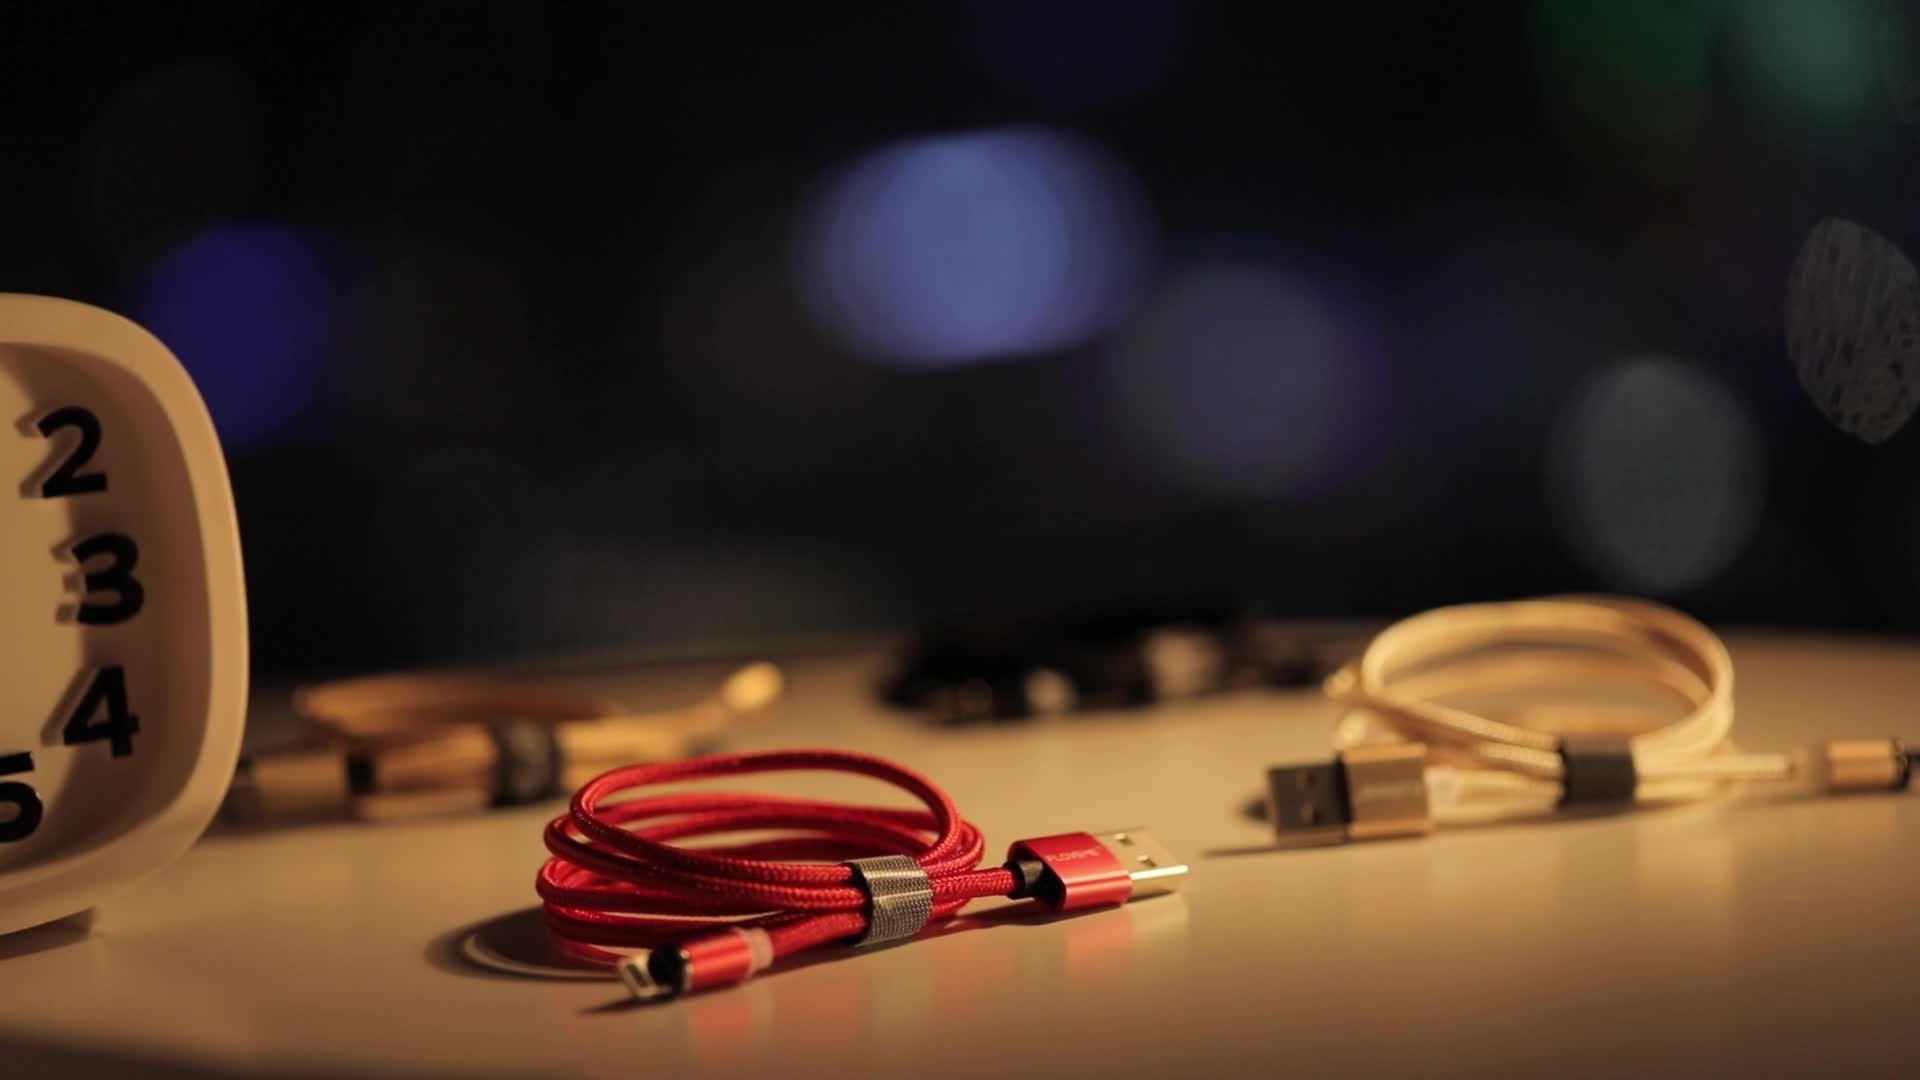 Frete Grátis FLOVEME Ímã USB Cabo de Carregamento Do Telefone Celular Acessórios Do Telefone Móvel Magnético 1 Cabo do Carregador de 3M